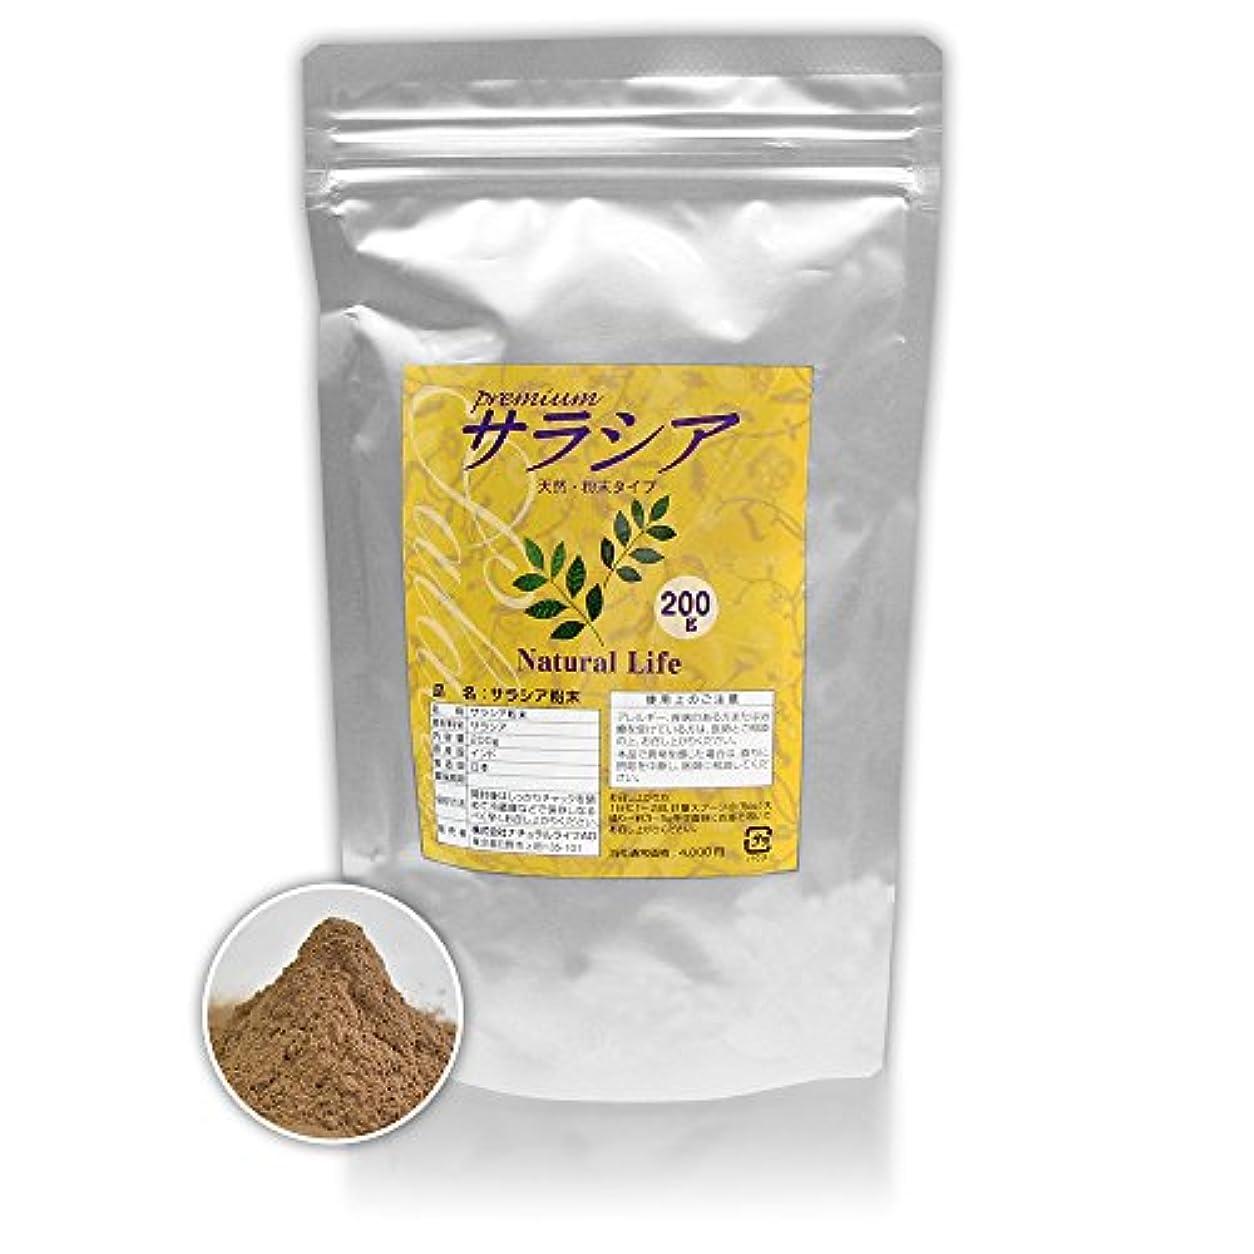 タイムリーな聞くめんどりサラシア粉末[200g]天然ピュア原料(無添加)健康食品(さらしあ,レティキュラータ)